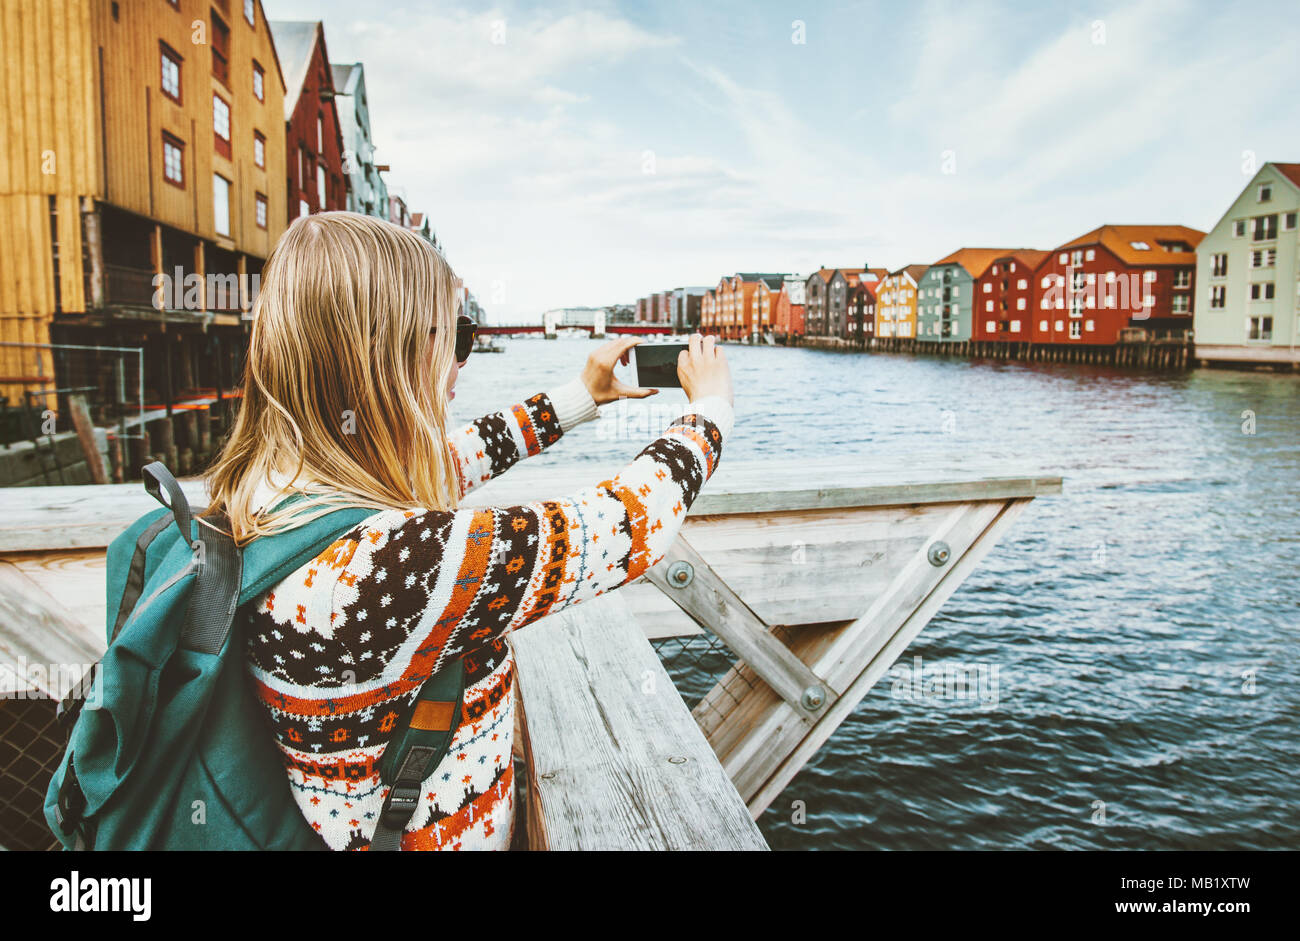 Donna turistica prendendo foto tramite smartphone sightseeing in Norvegia Lifestyle vacanze outdoor scandinavian case colorate landmarks Trondheim arco della città Immagini Stock